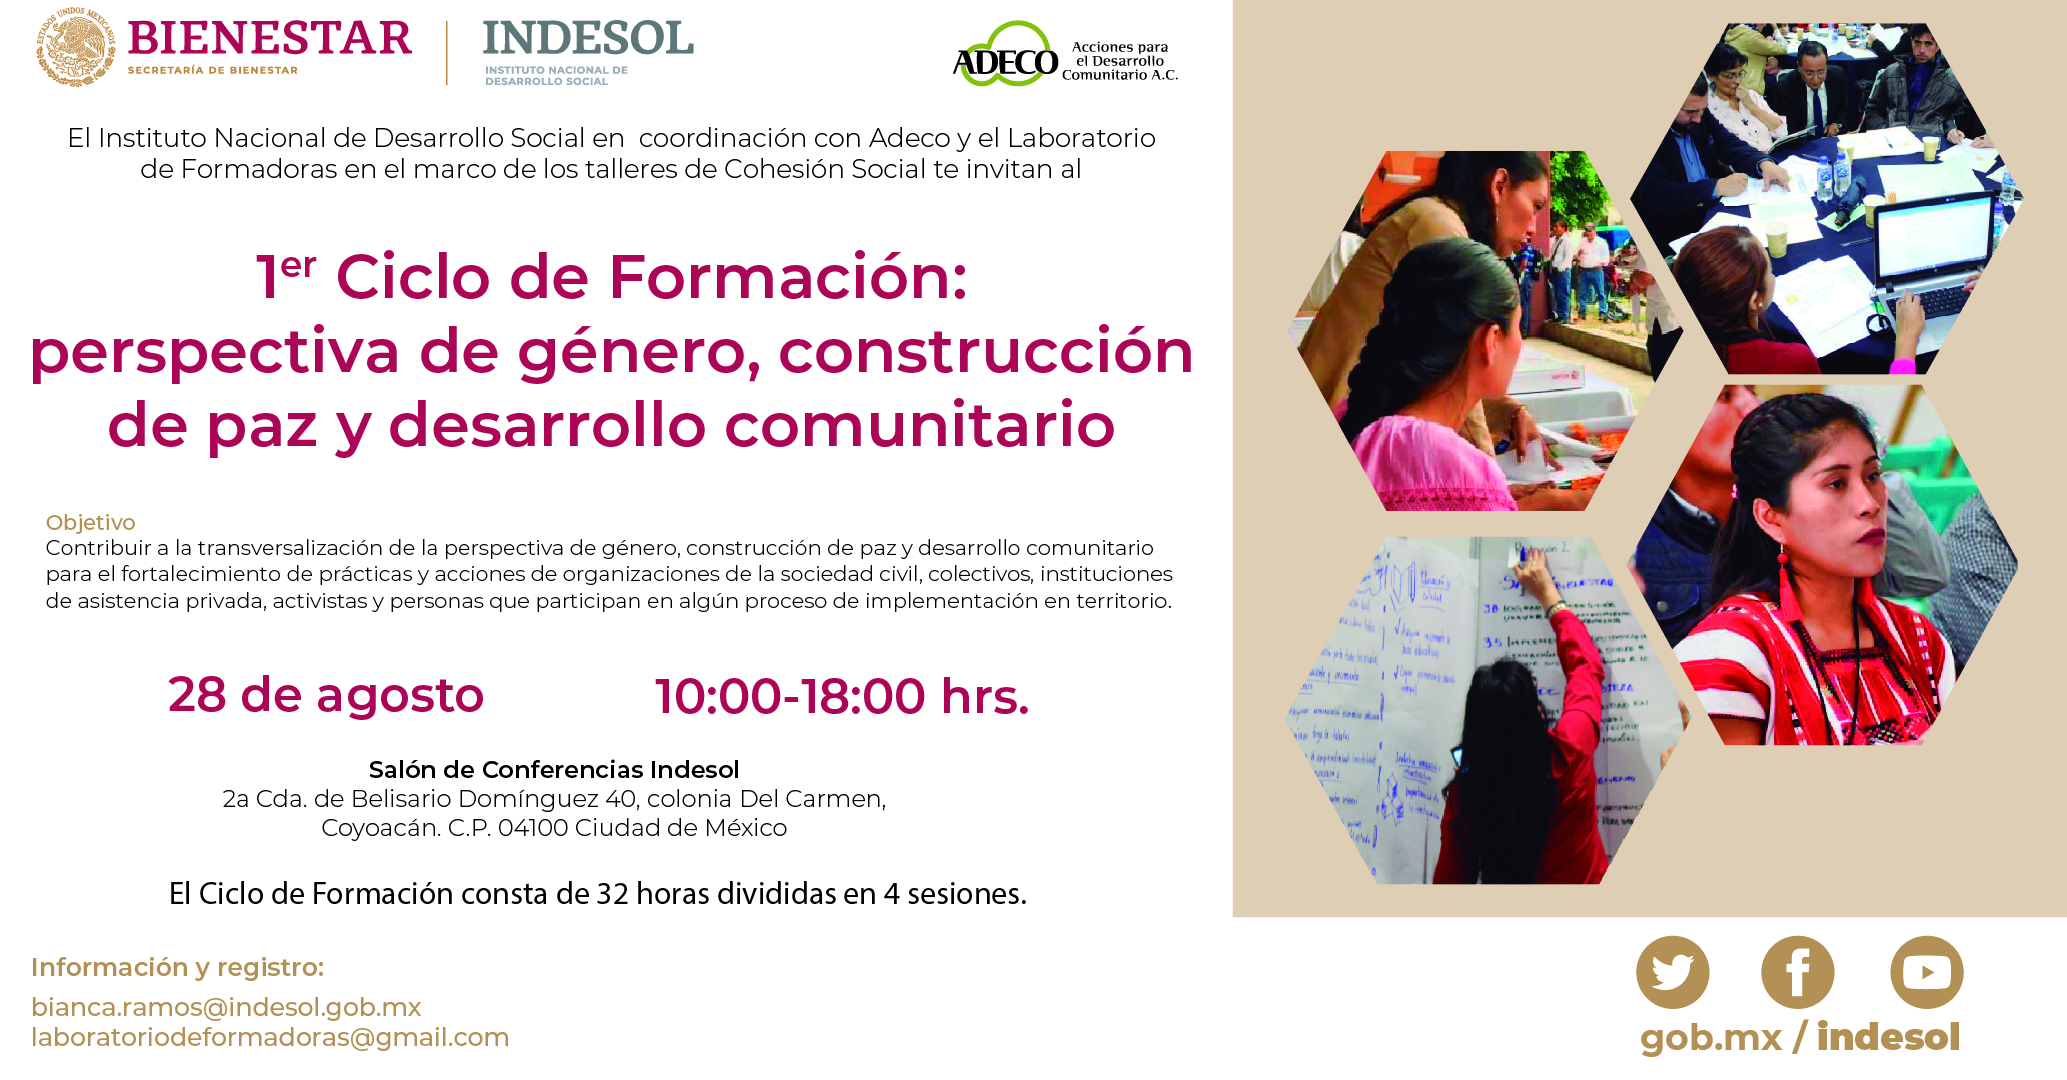 Invitación Primer Ciclo de Formación: perspectiva de género, construcción de paz y desarrollo comunitario